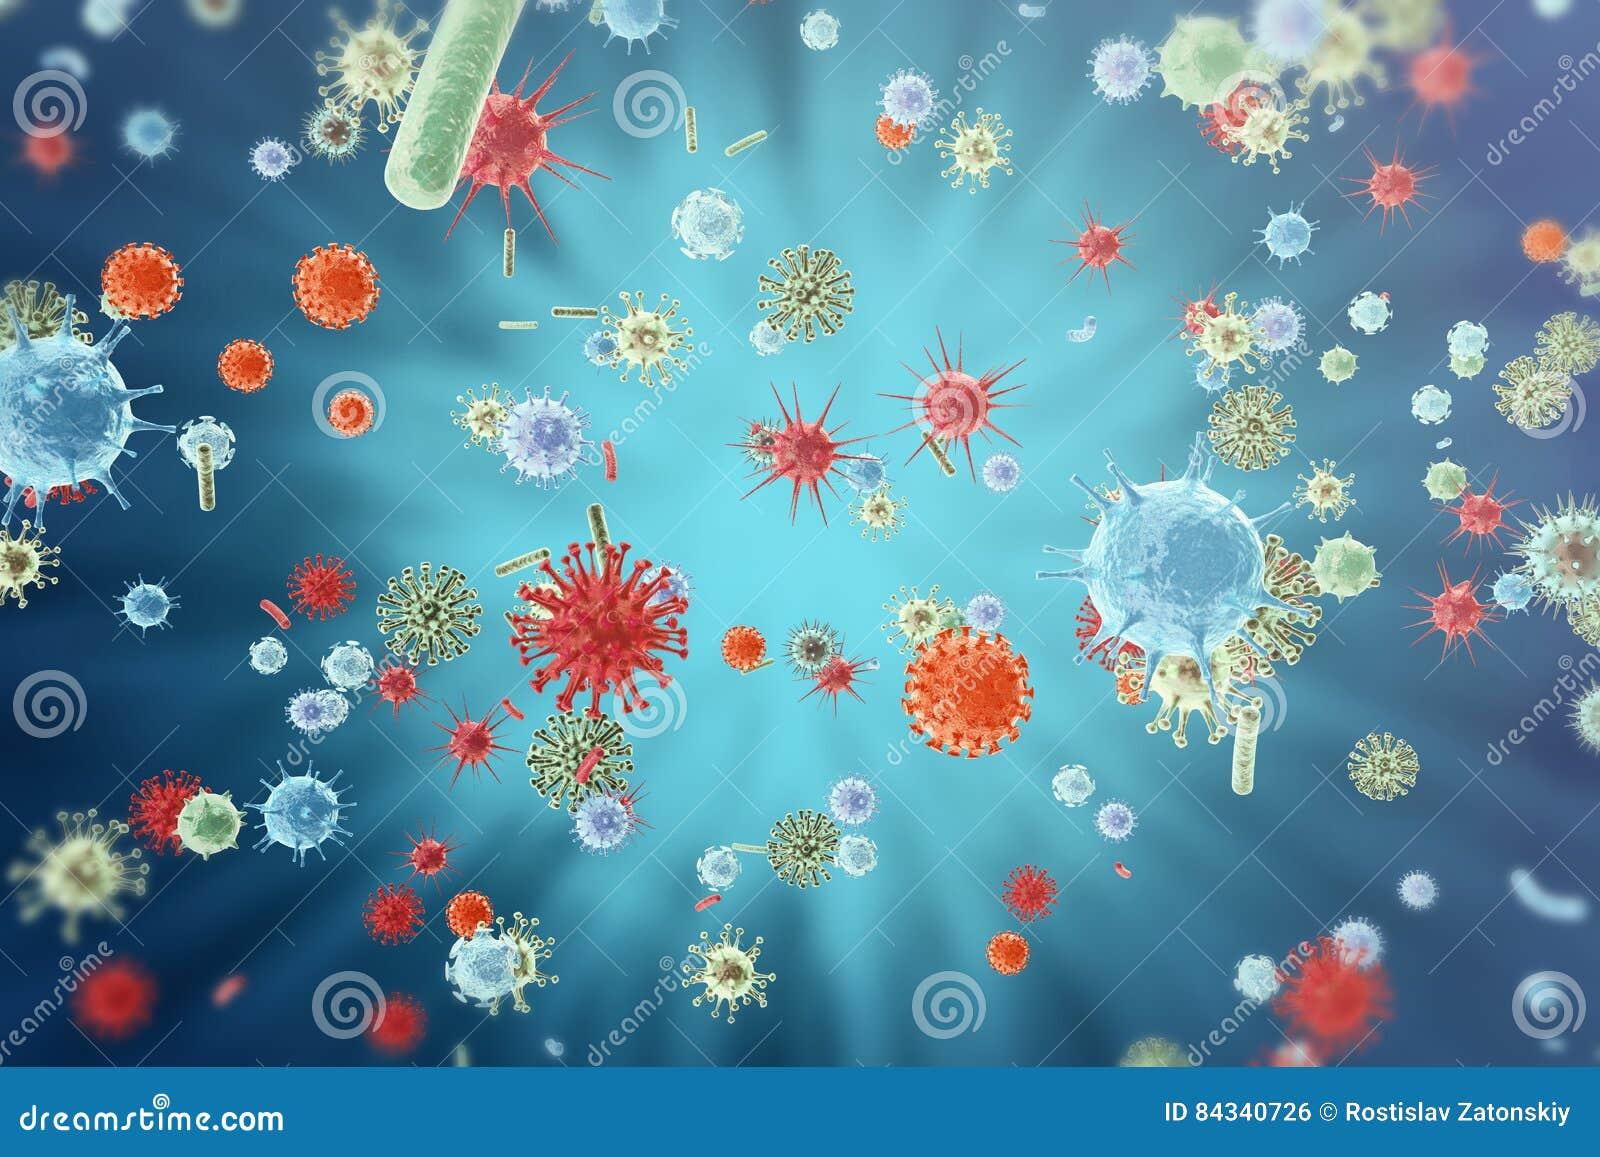 Virus de gripe H1N1 La gripe de cerdos, infecta el organismo, epidemia viral de la enfermedad representación 3d